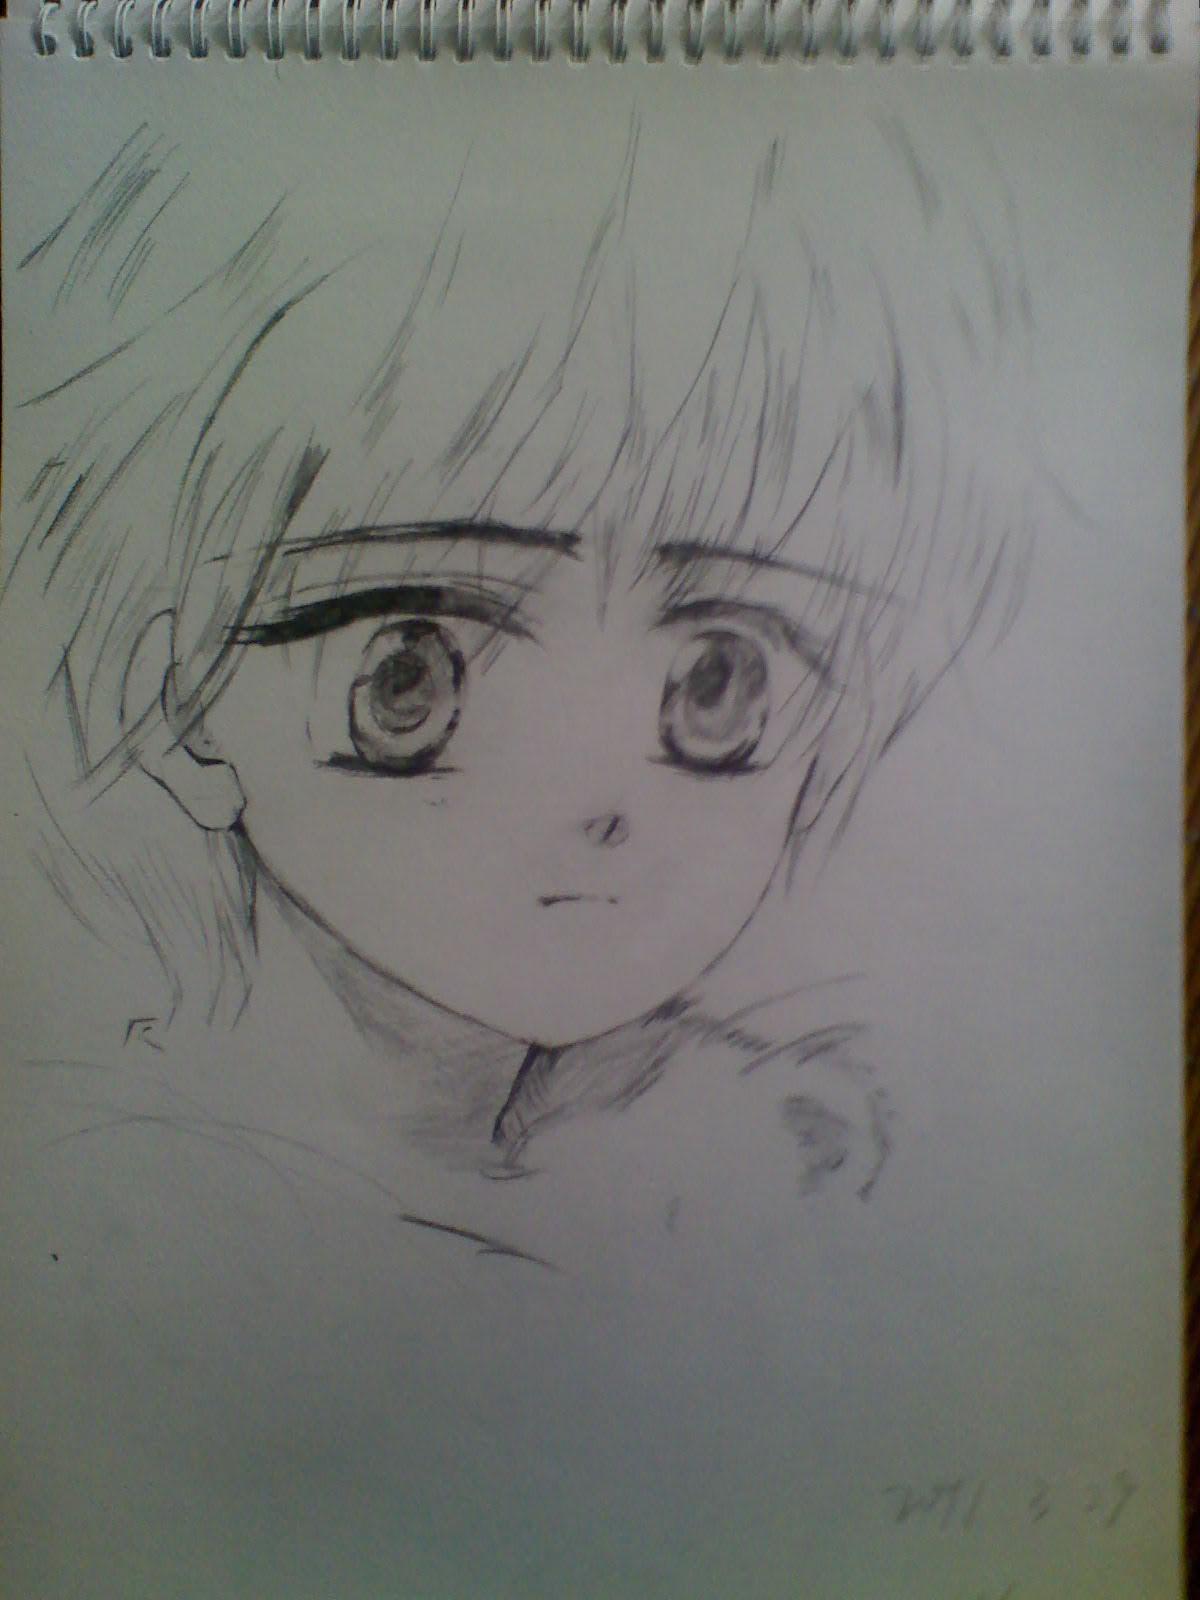 可爱动漫素描qq男生头像.有的发我邮箱1516193913@qq.